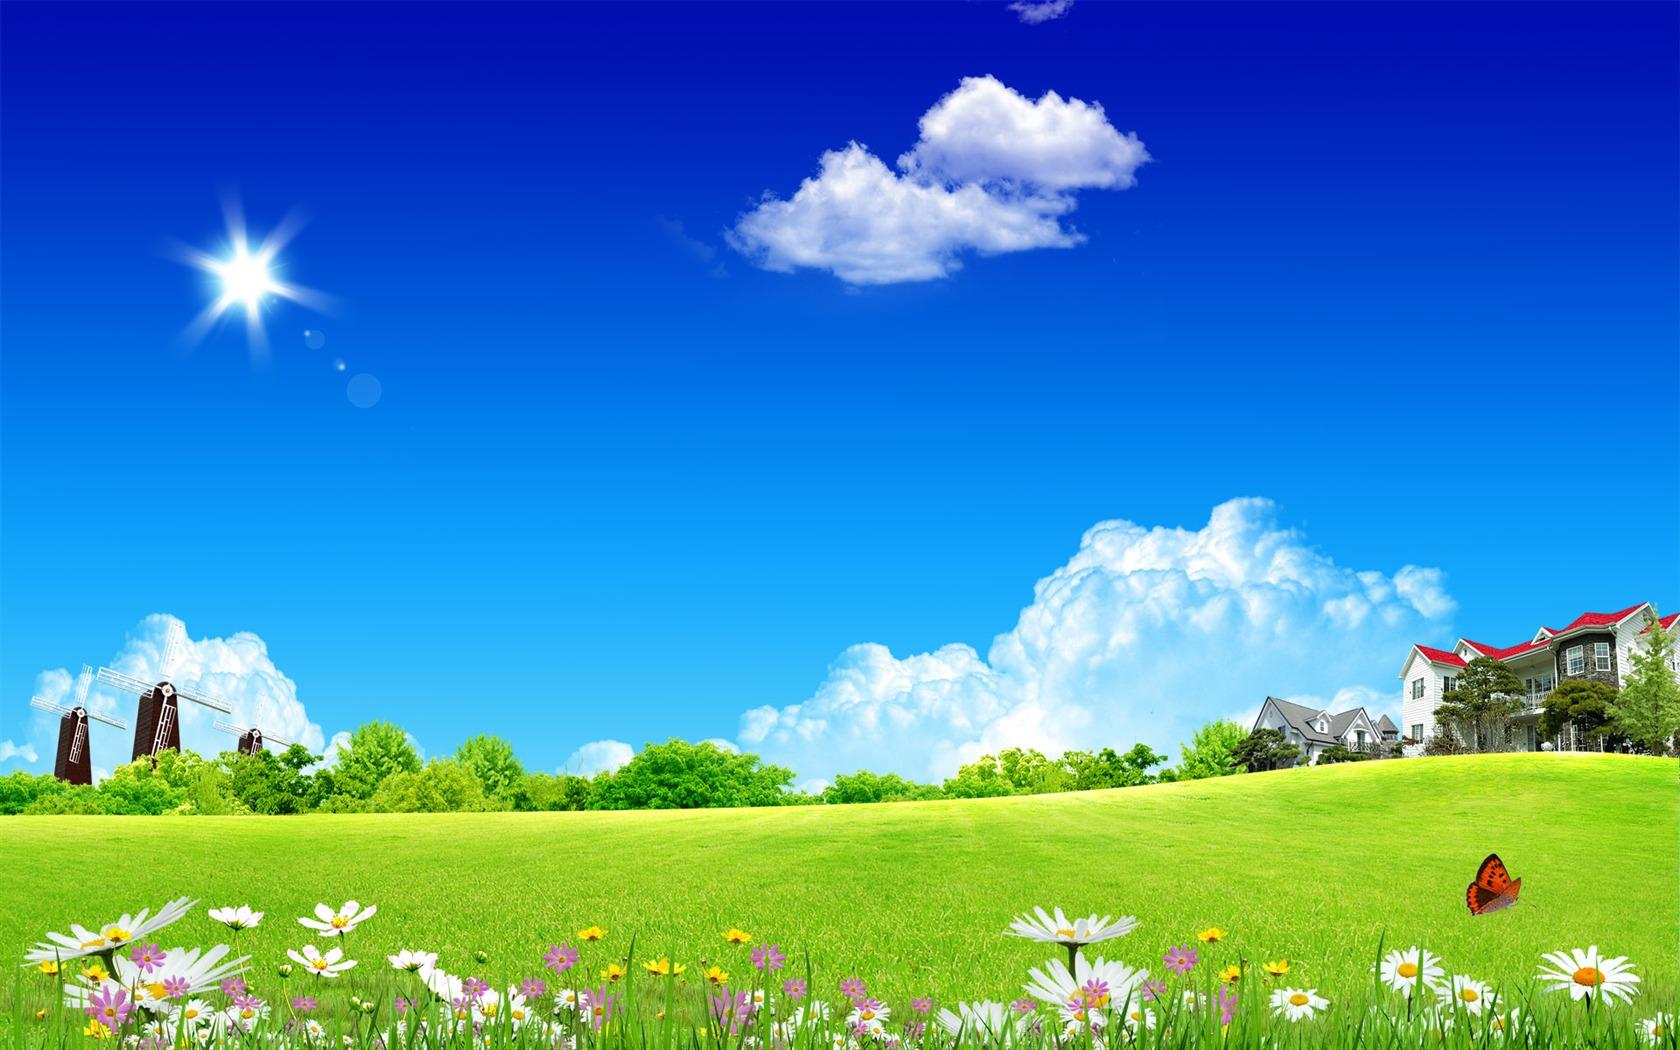 Photoshop fond d 39 cran paysage d 39 t ensoleill e 2 3 for Image ete fond ecran